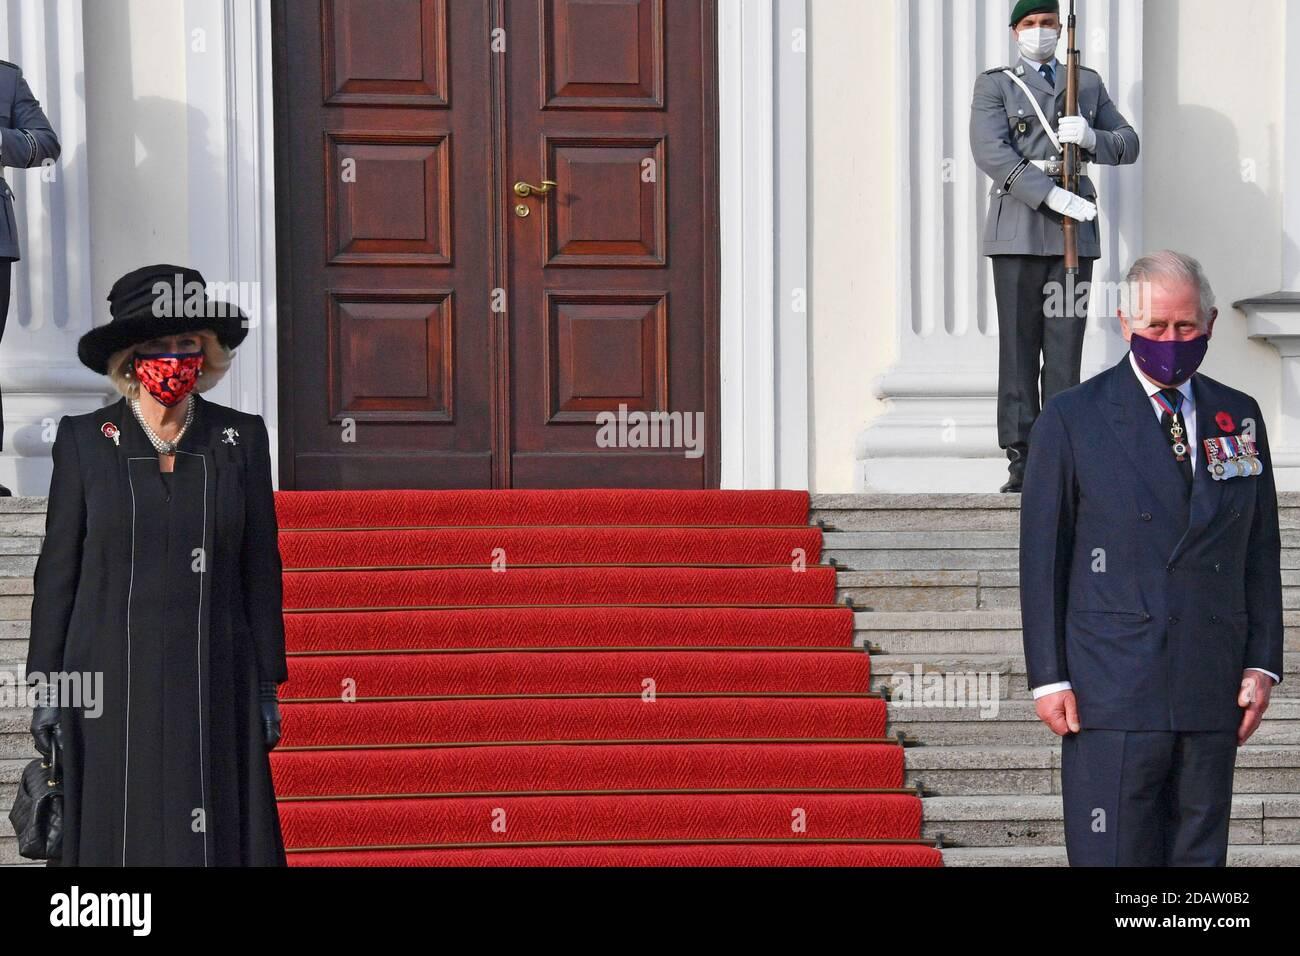 Berlin, Allemagne. 15 novembre 2020. Camilla, duchesse de Cornouailles et Charles, prince de Galles, à la réception du Président fédéral de l'Allemagne au Palais de Bellevue le 15 novembre 2020 à Berlin, Allemagne crédit: Geisler-Fotopress GmbH/Alay Live News Banque D'Images